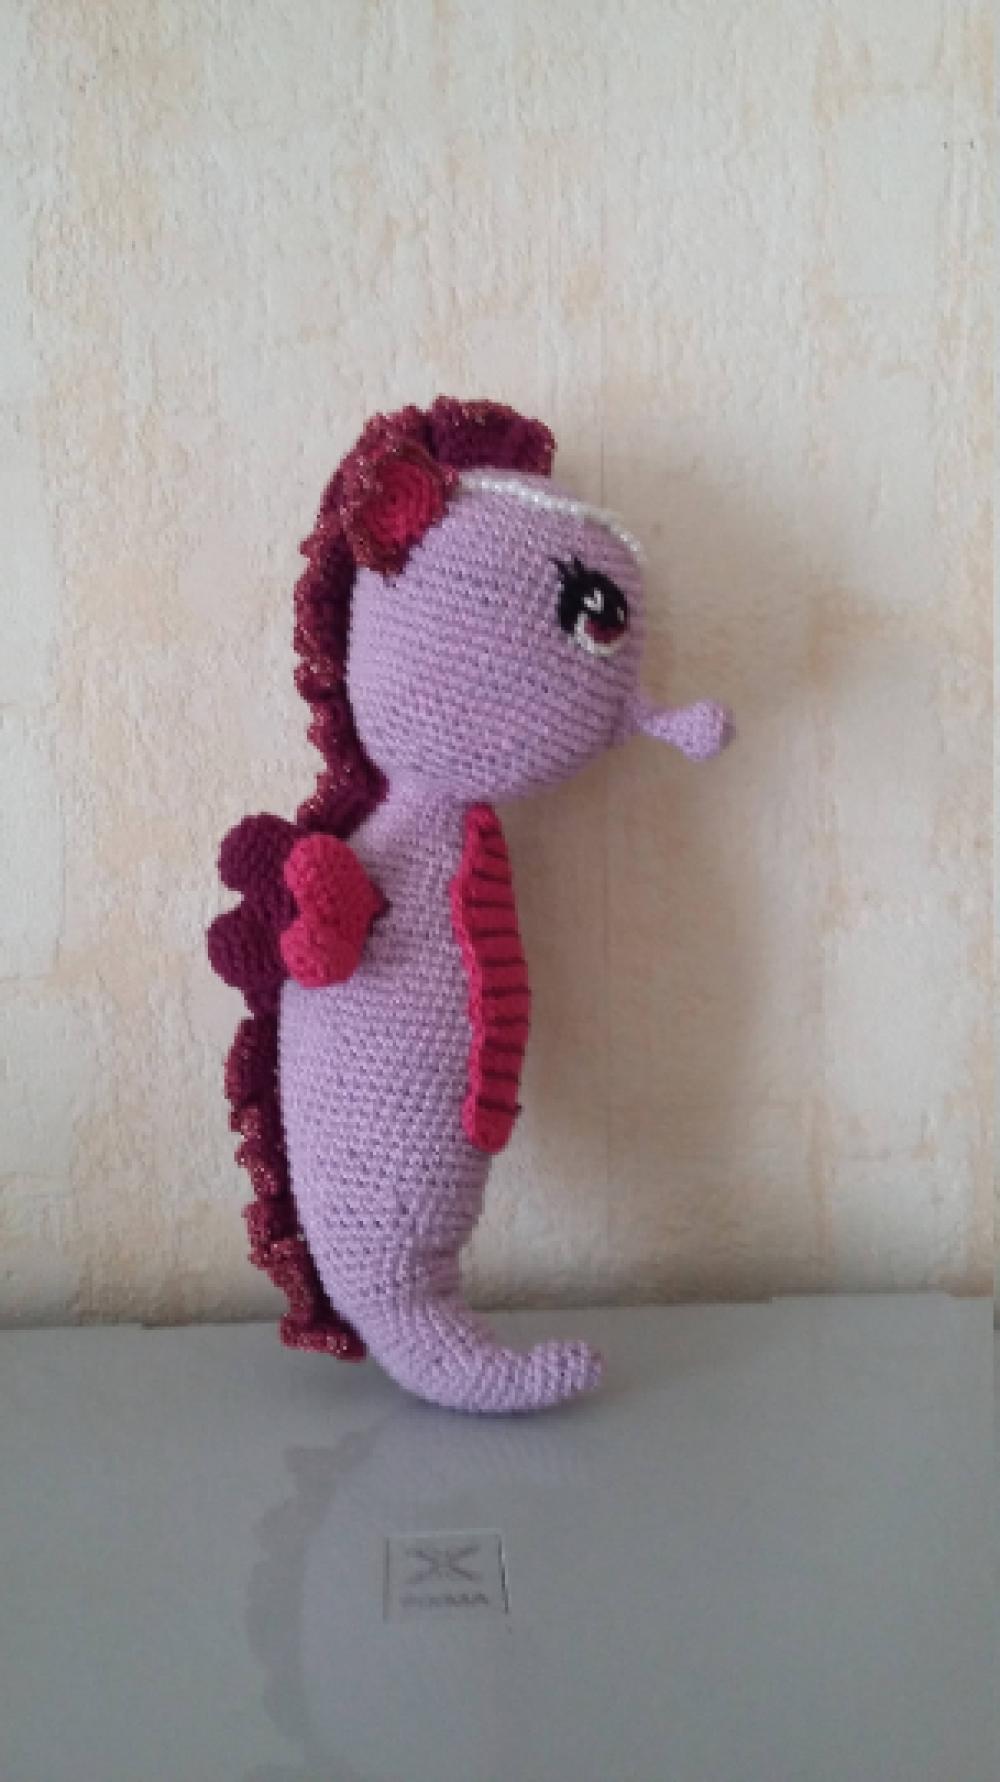 hippocampe crocheté en coton parme et violet